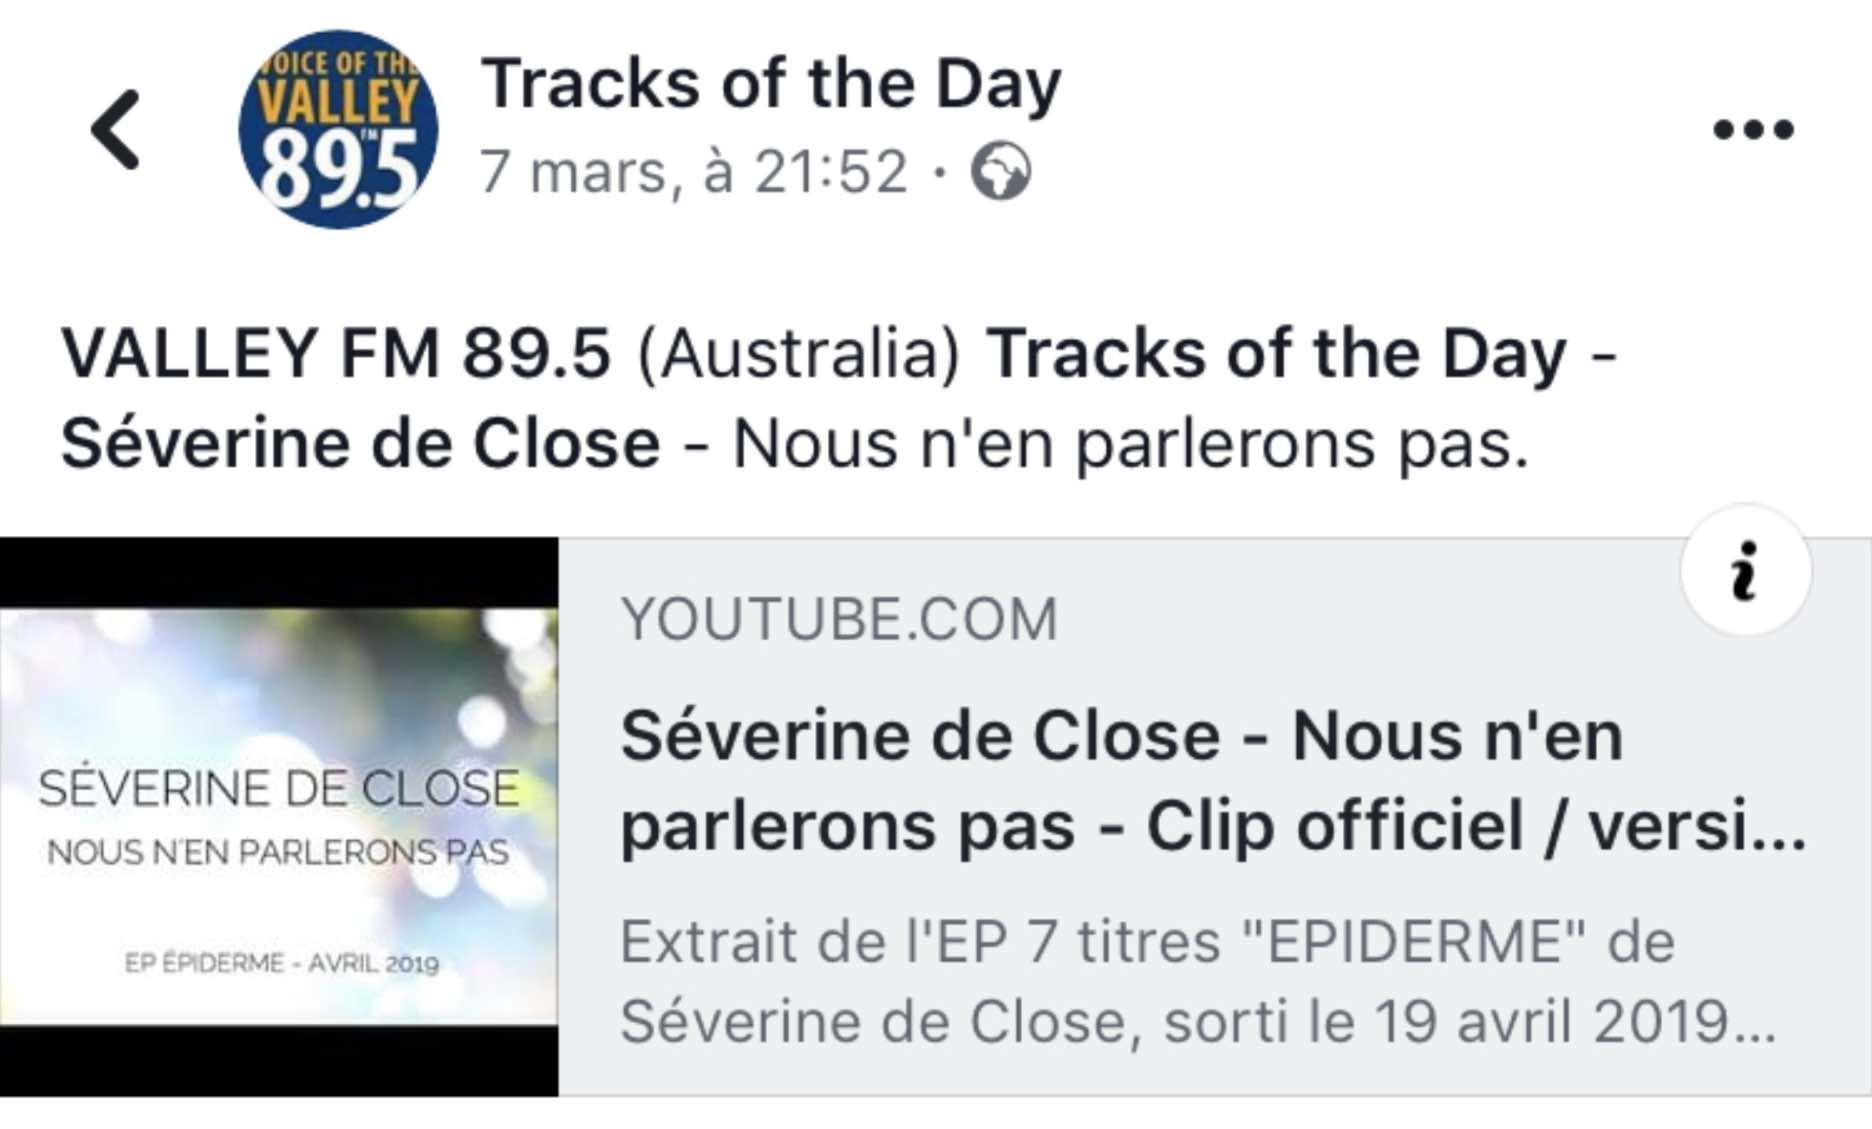 """""""Nous n'en parlerons pas"""" chanson du jour sur Valley FM en Australie - mars 2019"""